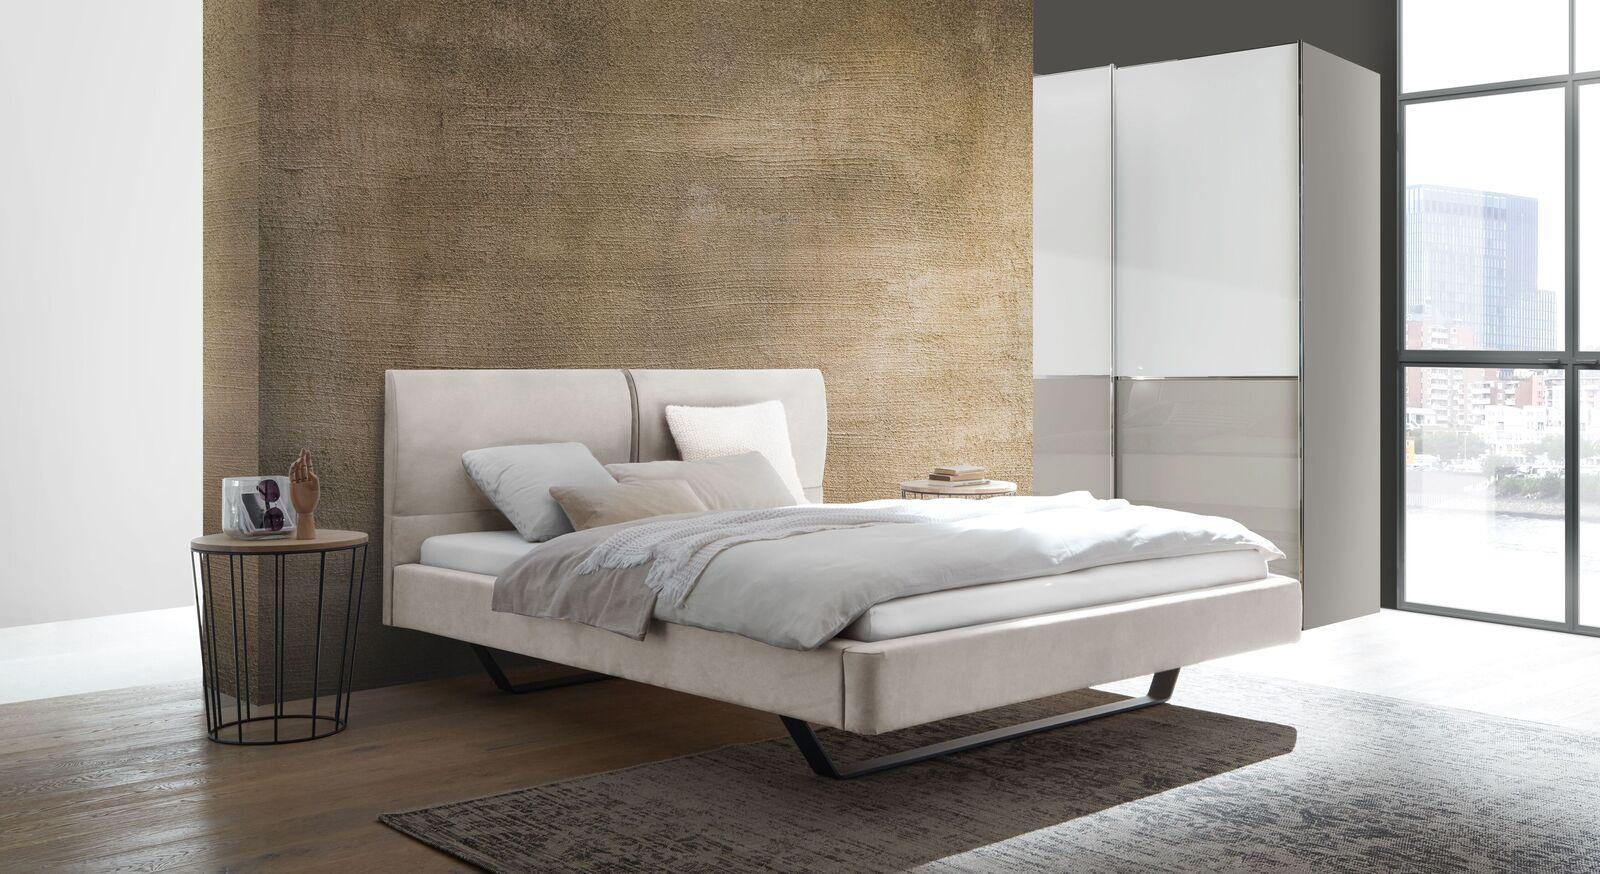 Bett Nantra mit passenden Schlafzimmer-Möbel